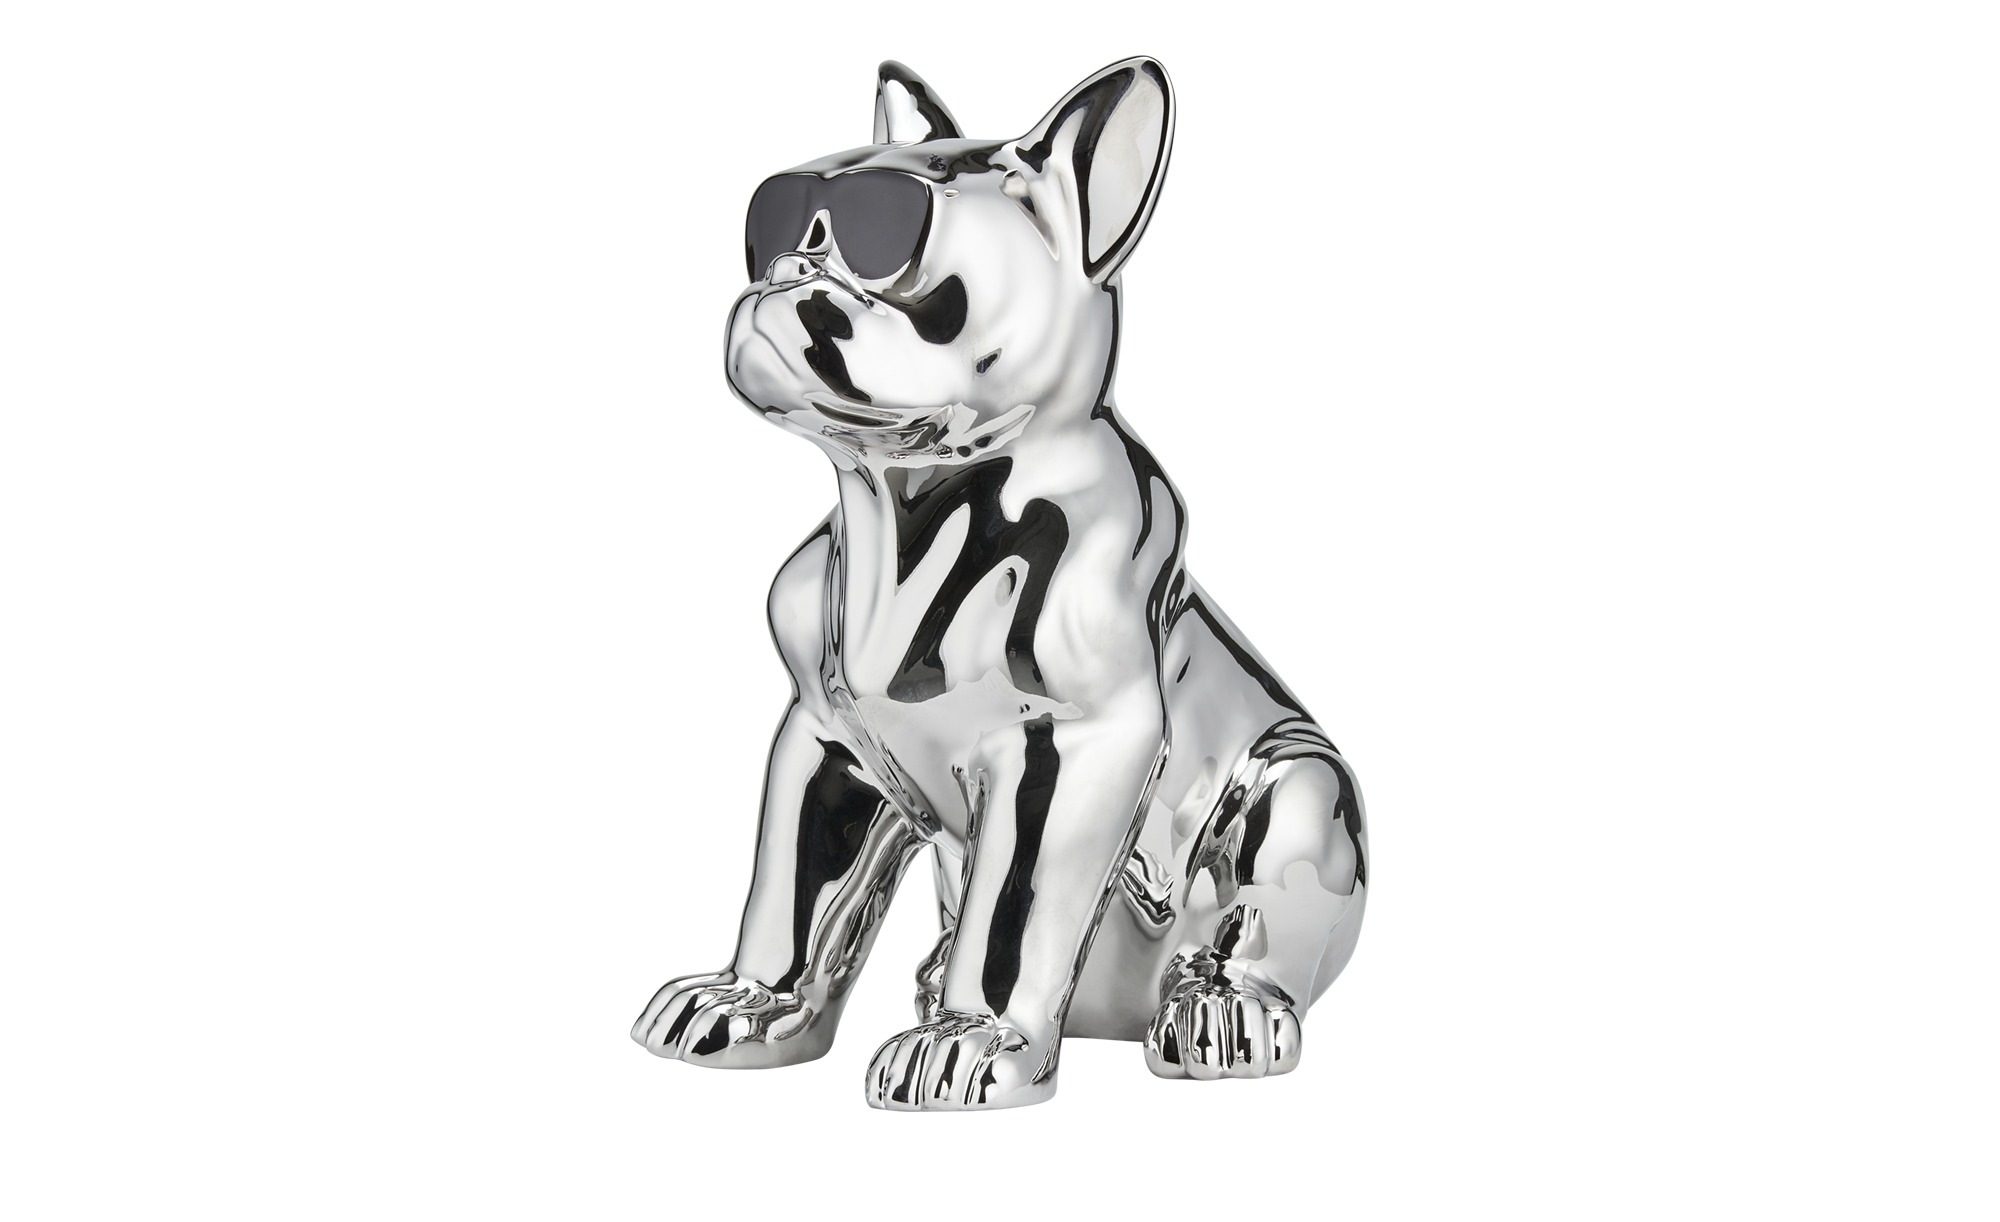 Deko Hund - silber - Porzellan - Dekoration > Dekoartikel - Möbel Kraft günstig online kaufen